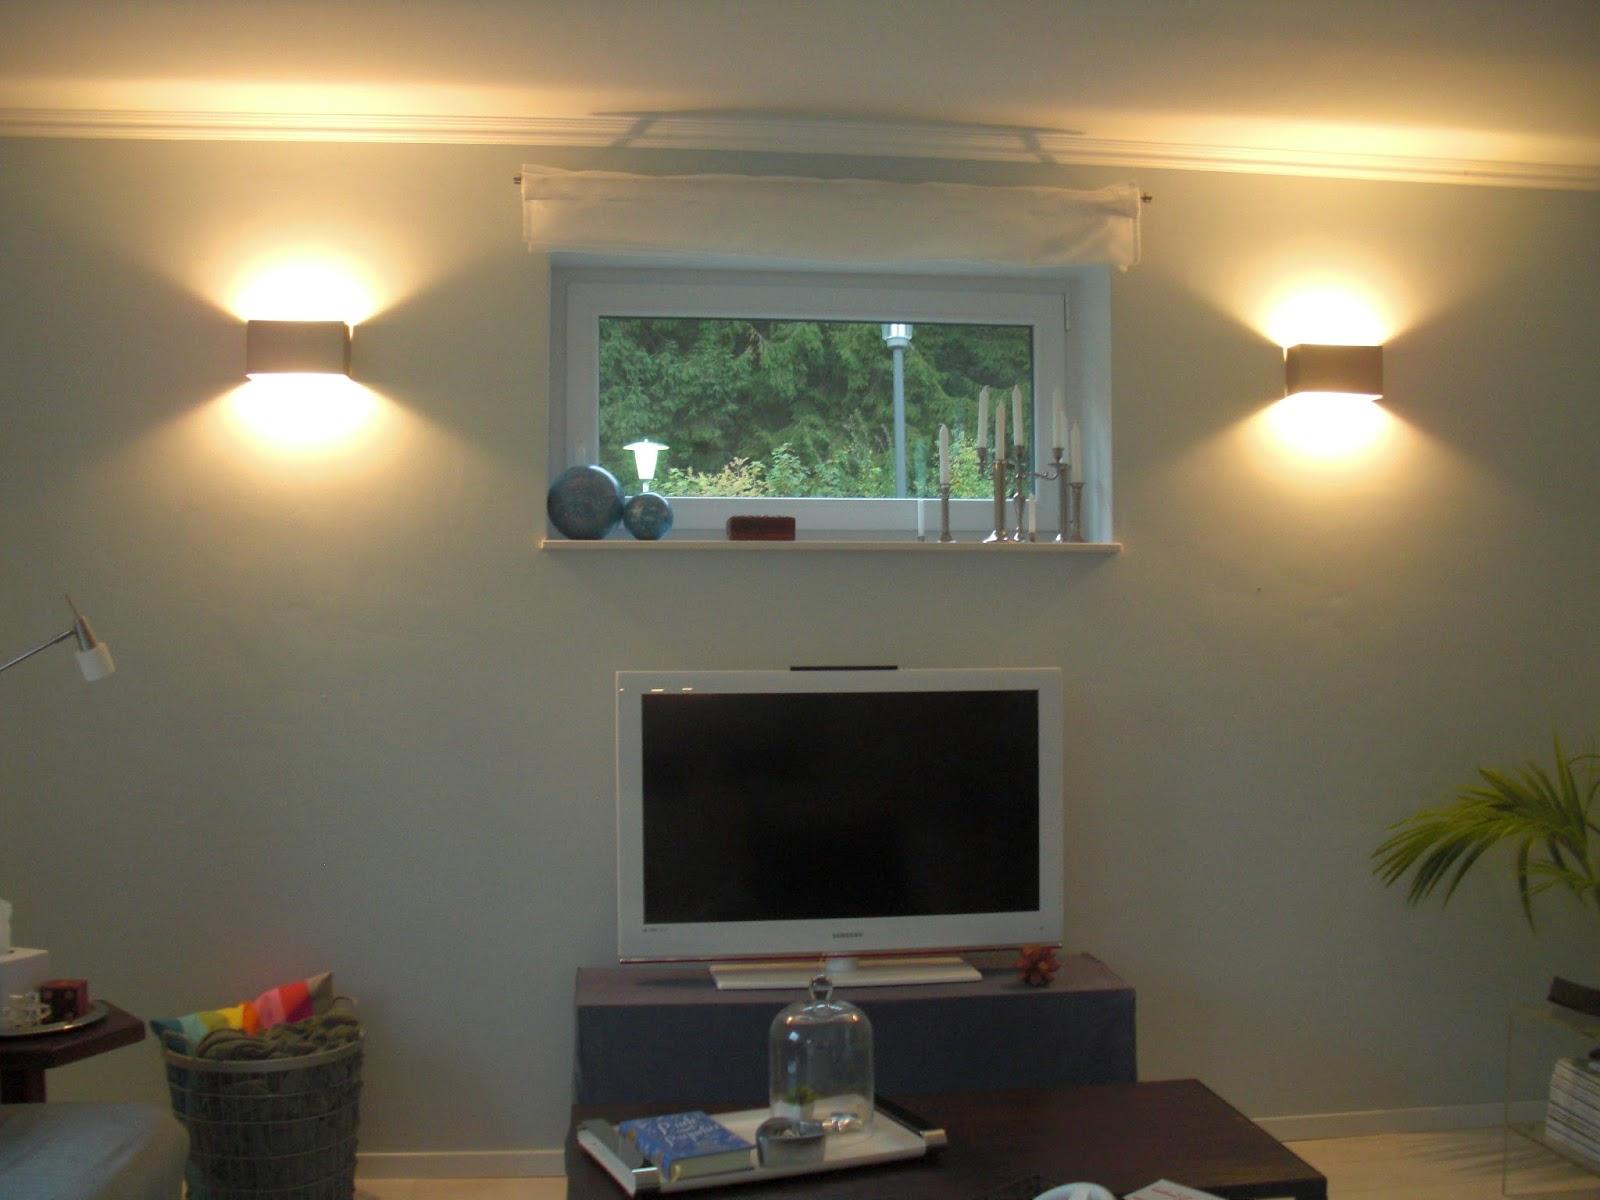 heim elich laterne ad wohnzimmer edition. Black Bedroom Furniture Sets. Home Design Ideas